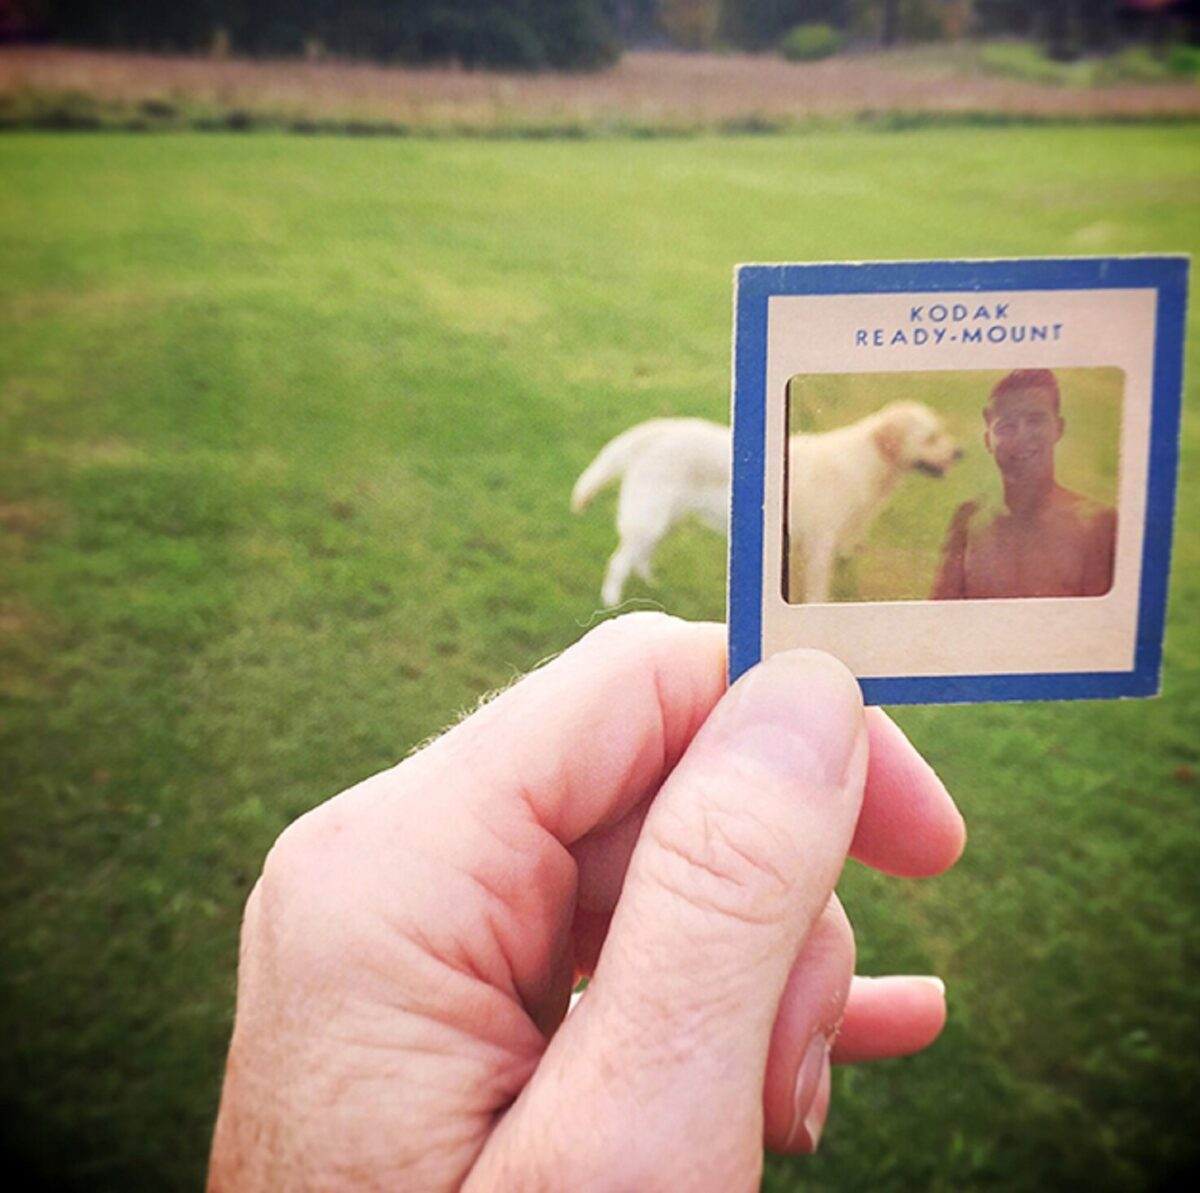 No Memory is Ever Alone projeto usa fotografias para mostrar a passagem do tempo 7